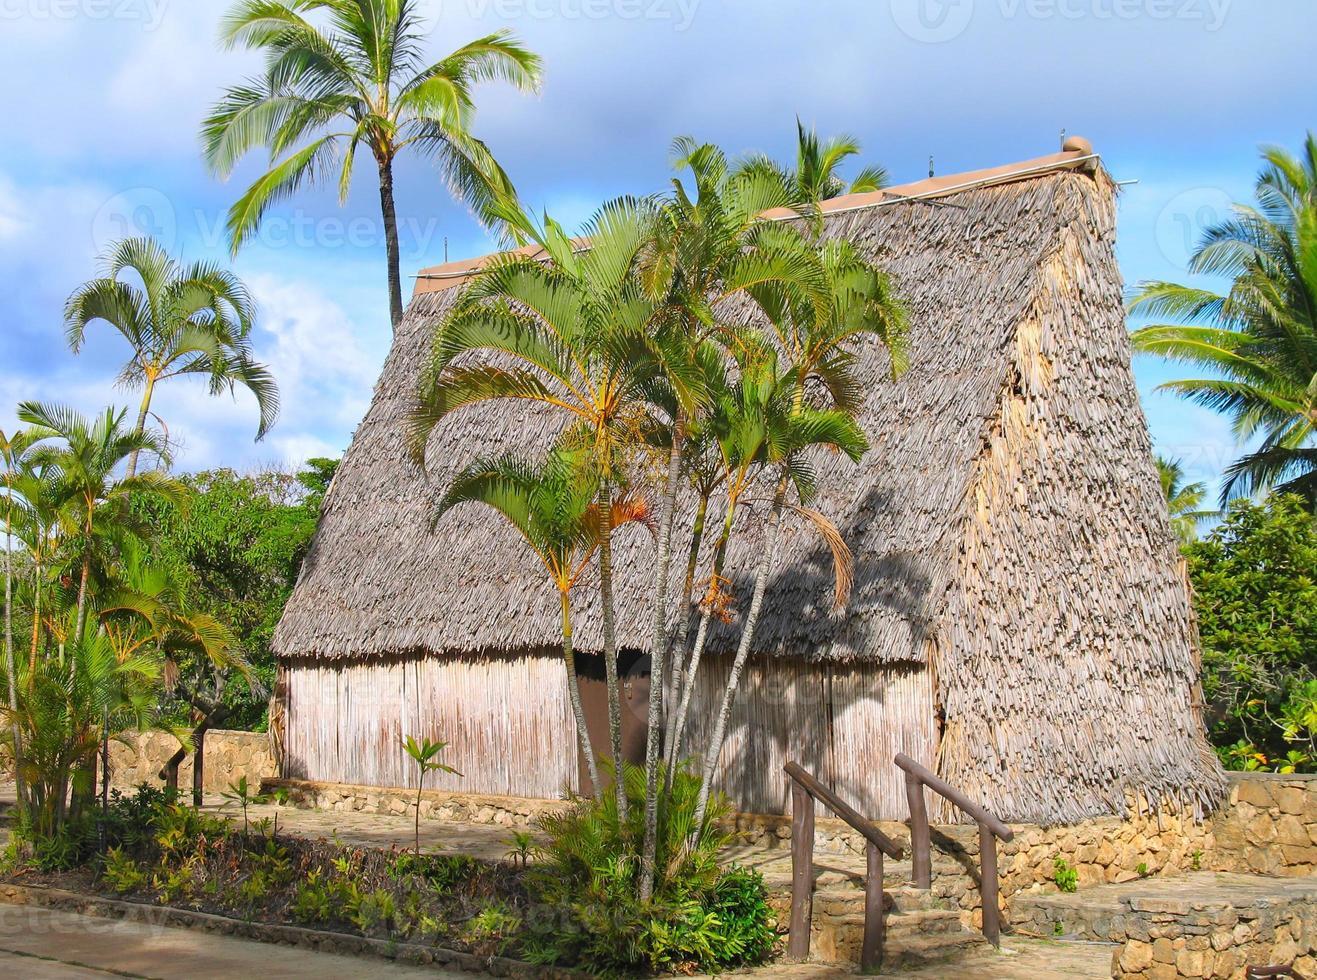 cabaña de la isla del pacífico sur foto